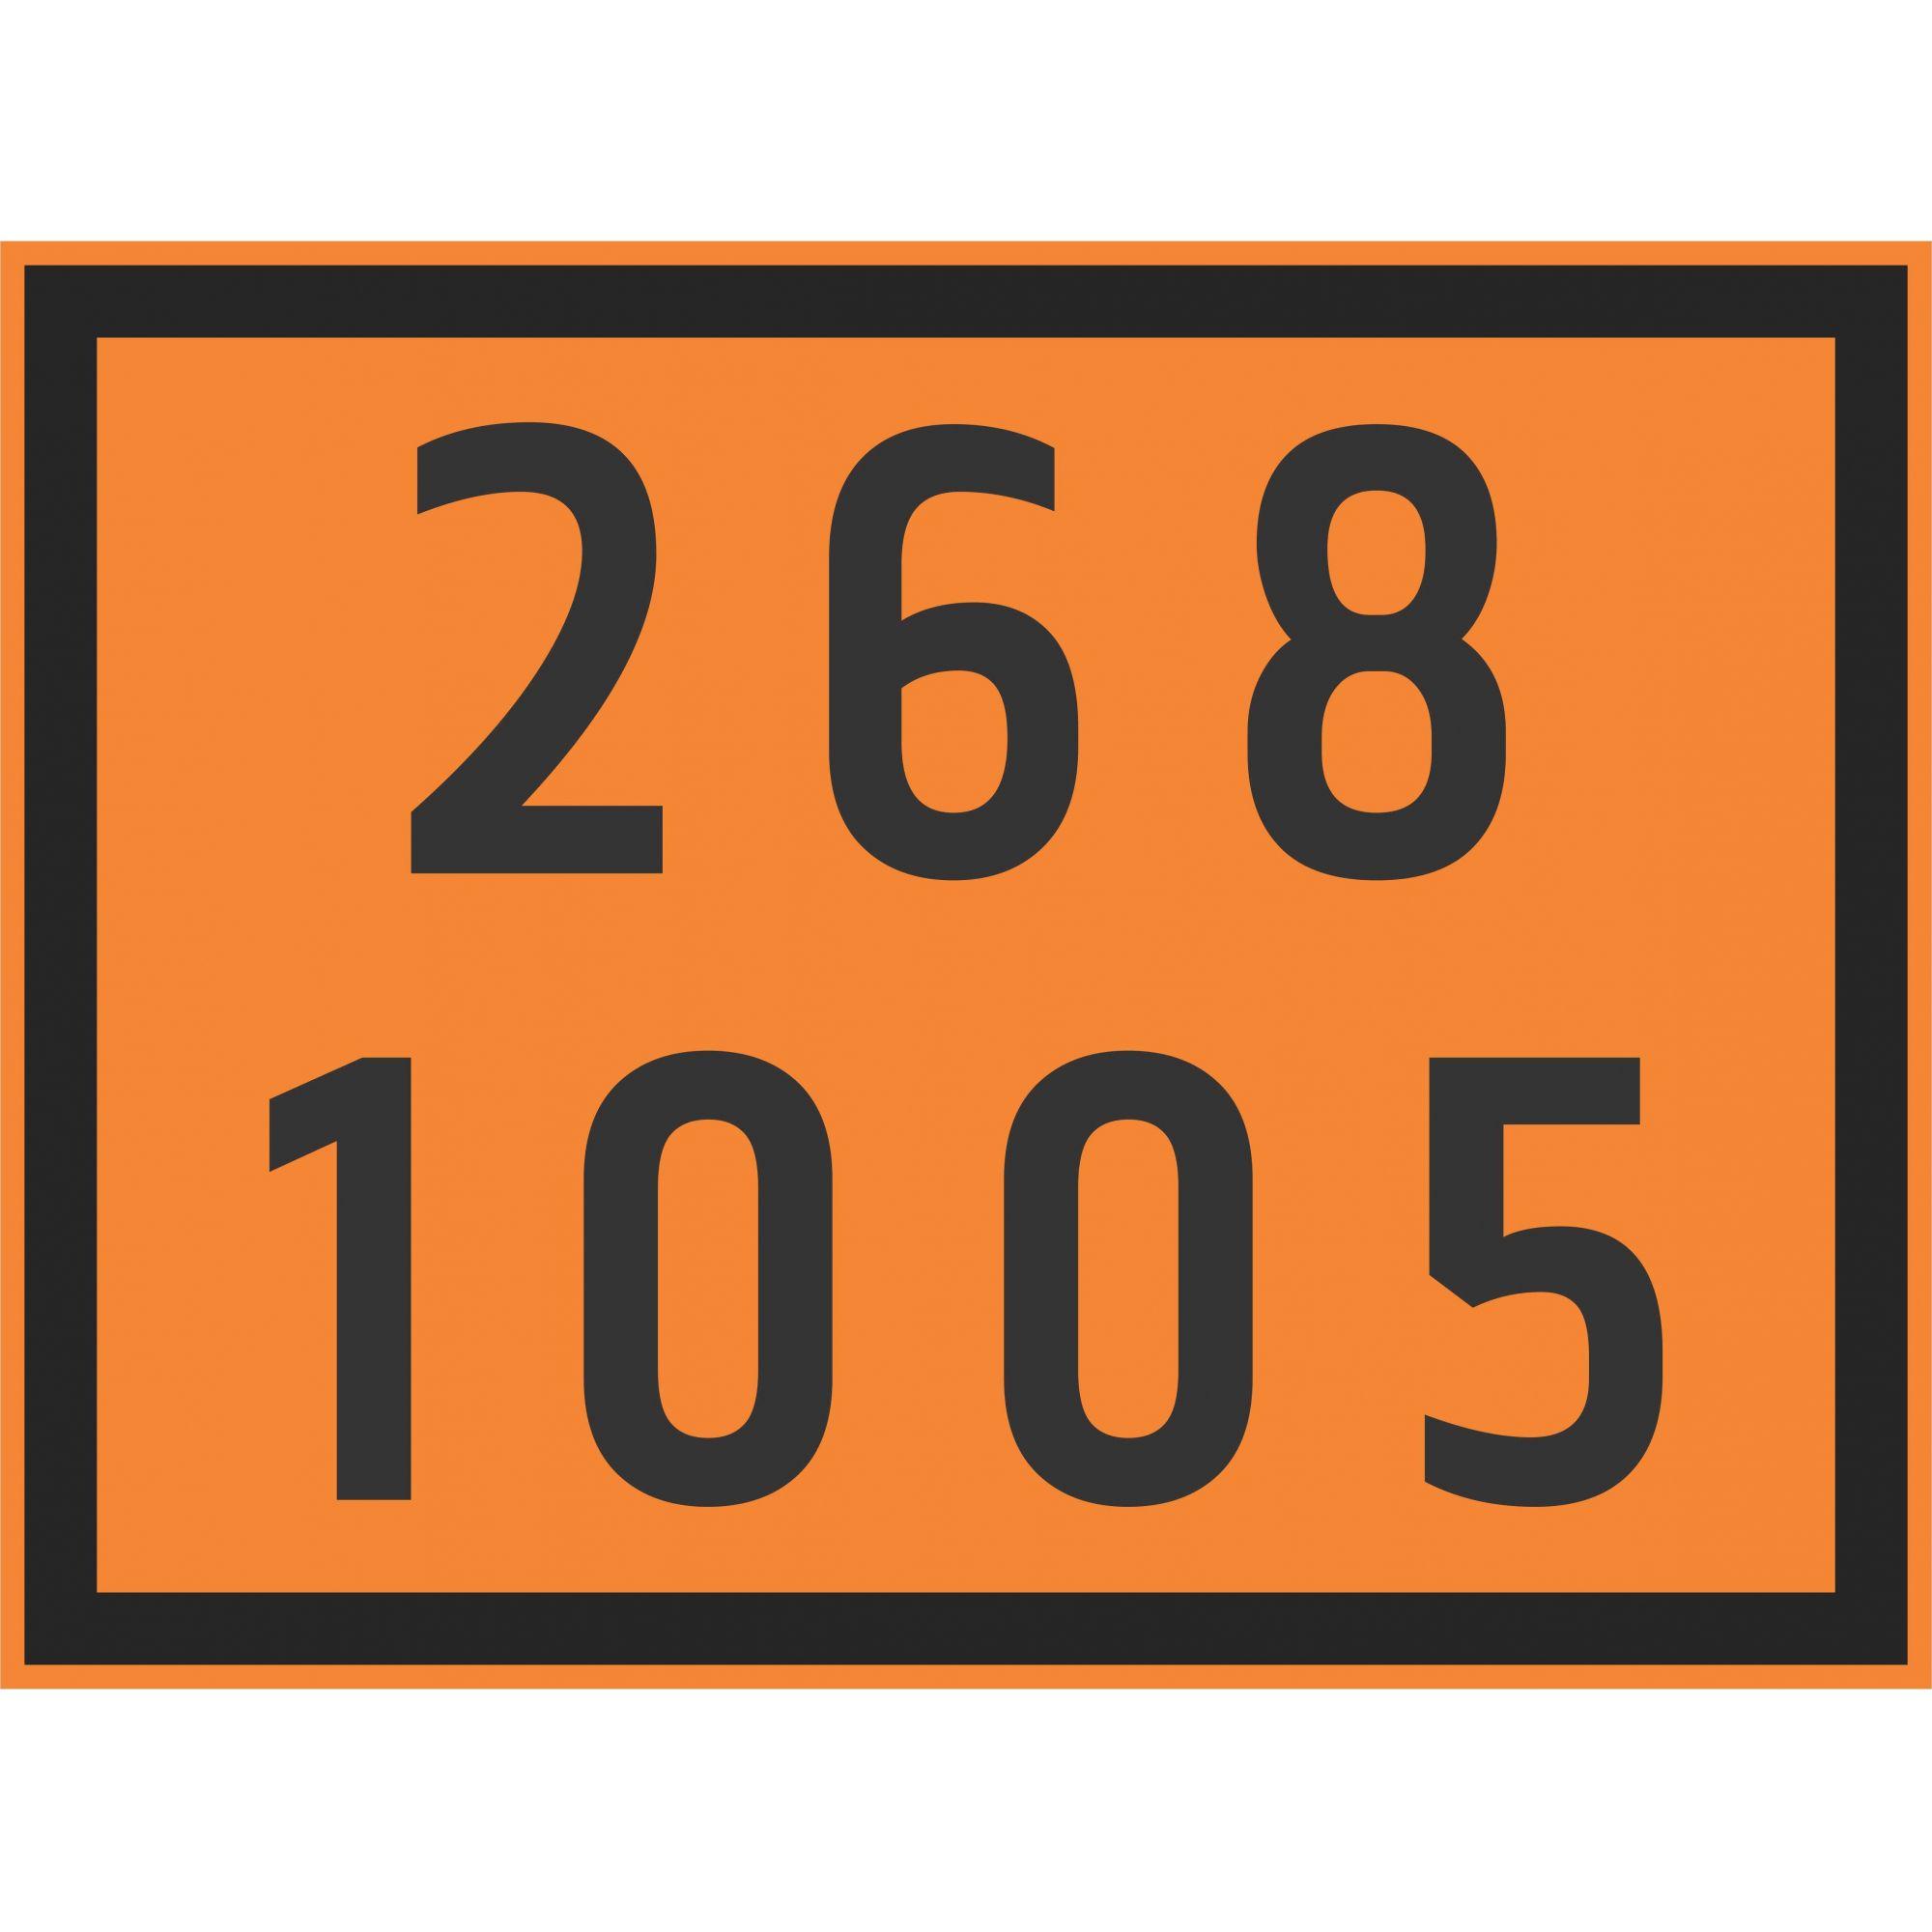 AMÔNIA 1005  - Towbar Sinalização de Segurança